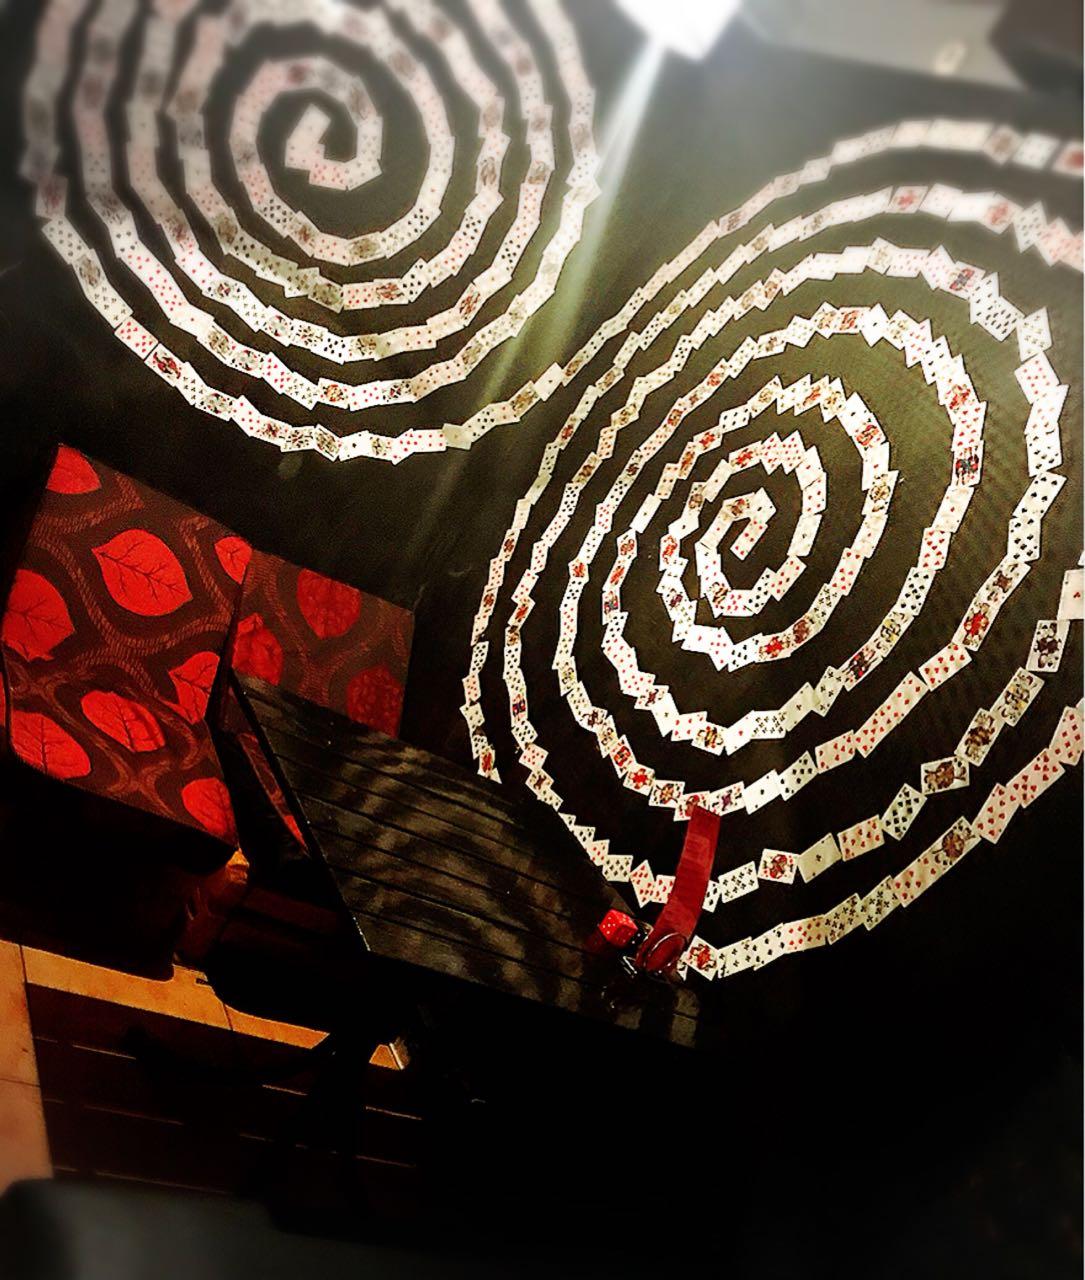 кальян бар киев, где покурить кальян киев, начало лета киев, вечеринка киев, лучший кальян киев, кальянная киев (2)